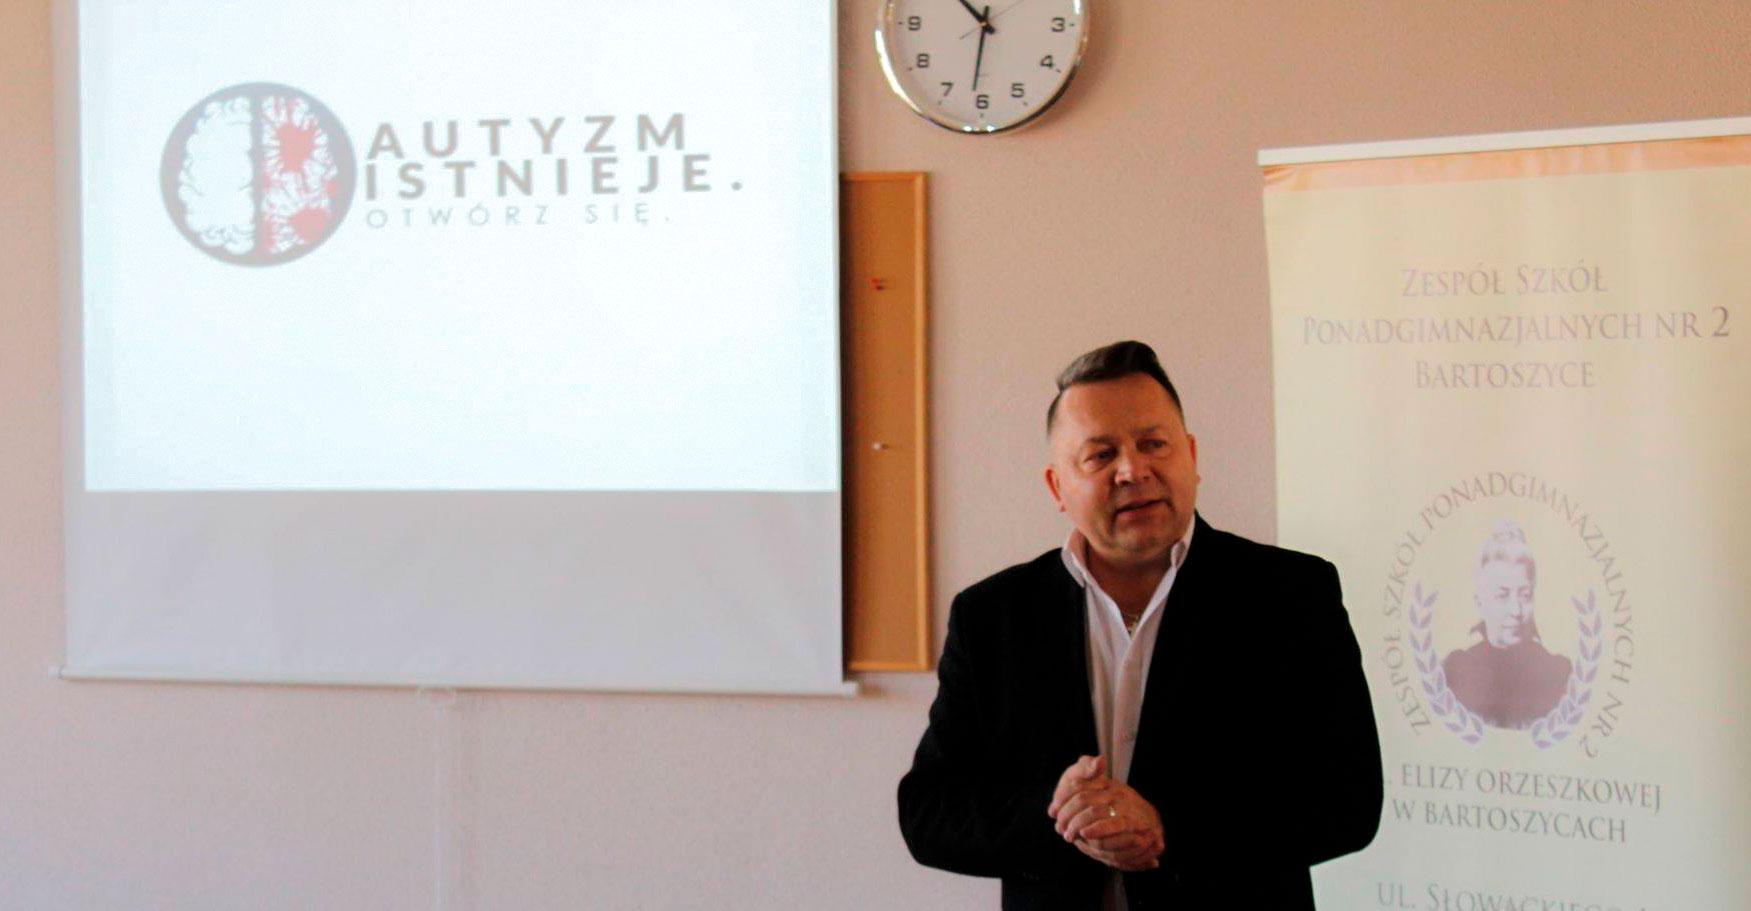 Zdjęcie Zbigniewa Pietrzaka, dyrektora ZSP nr 2 im. E. Orzeszkowej w Bartoszycach